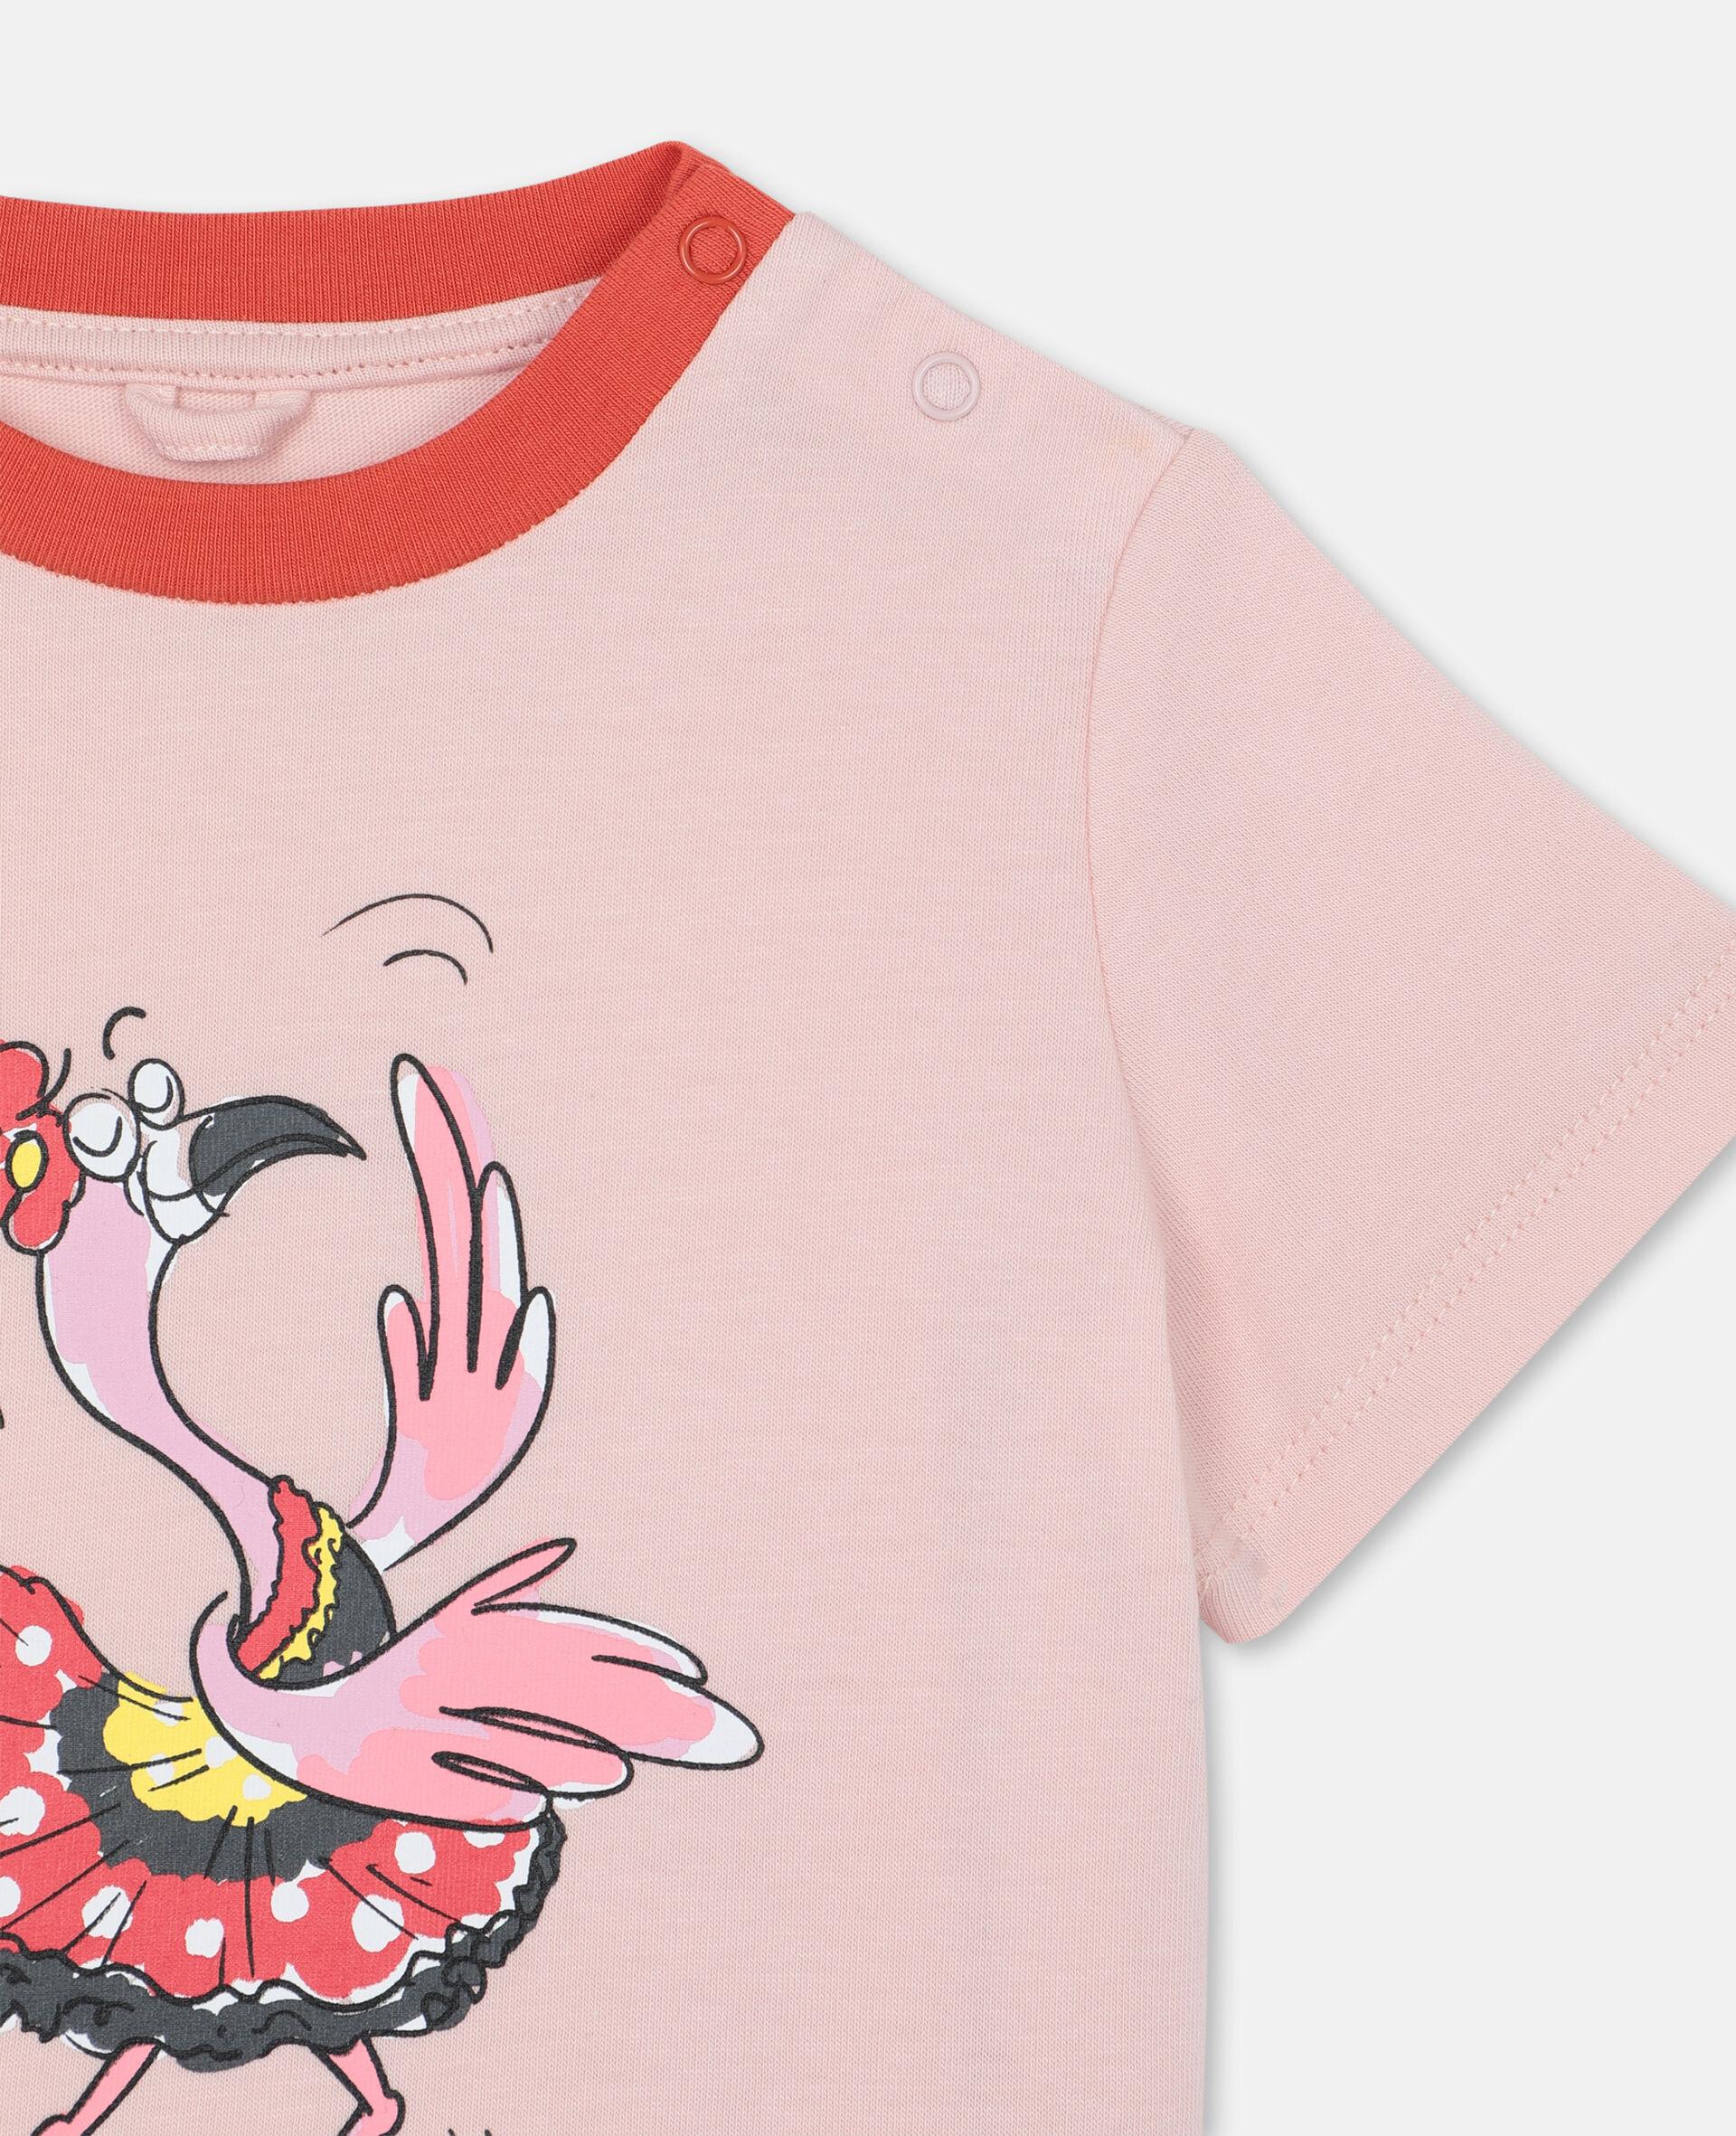 ダンシング フラミンゴ コットン Tシャツ-ピンク-large image number 1